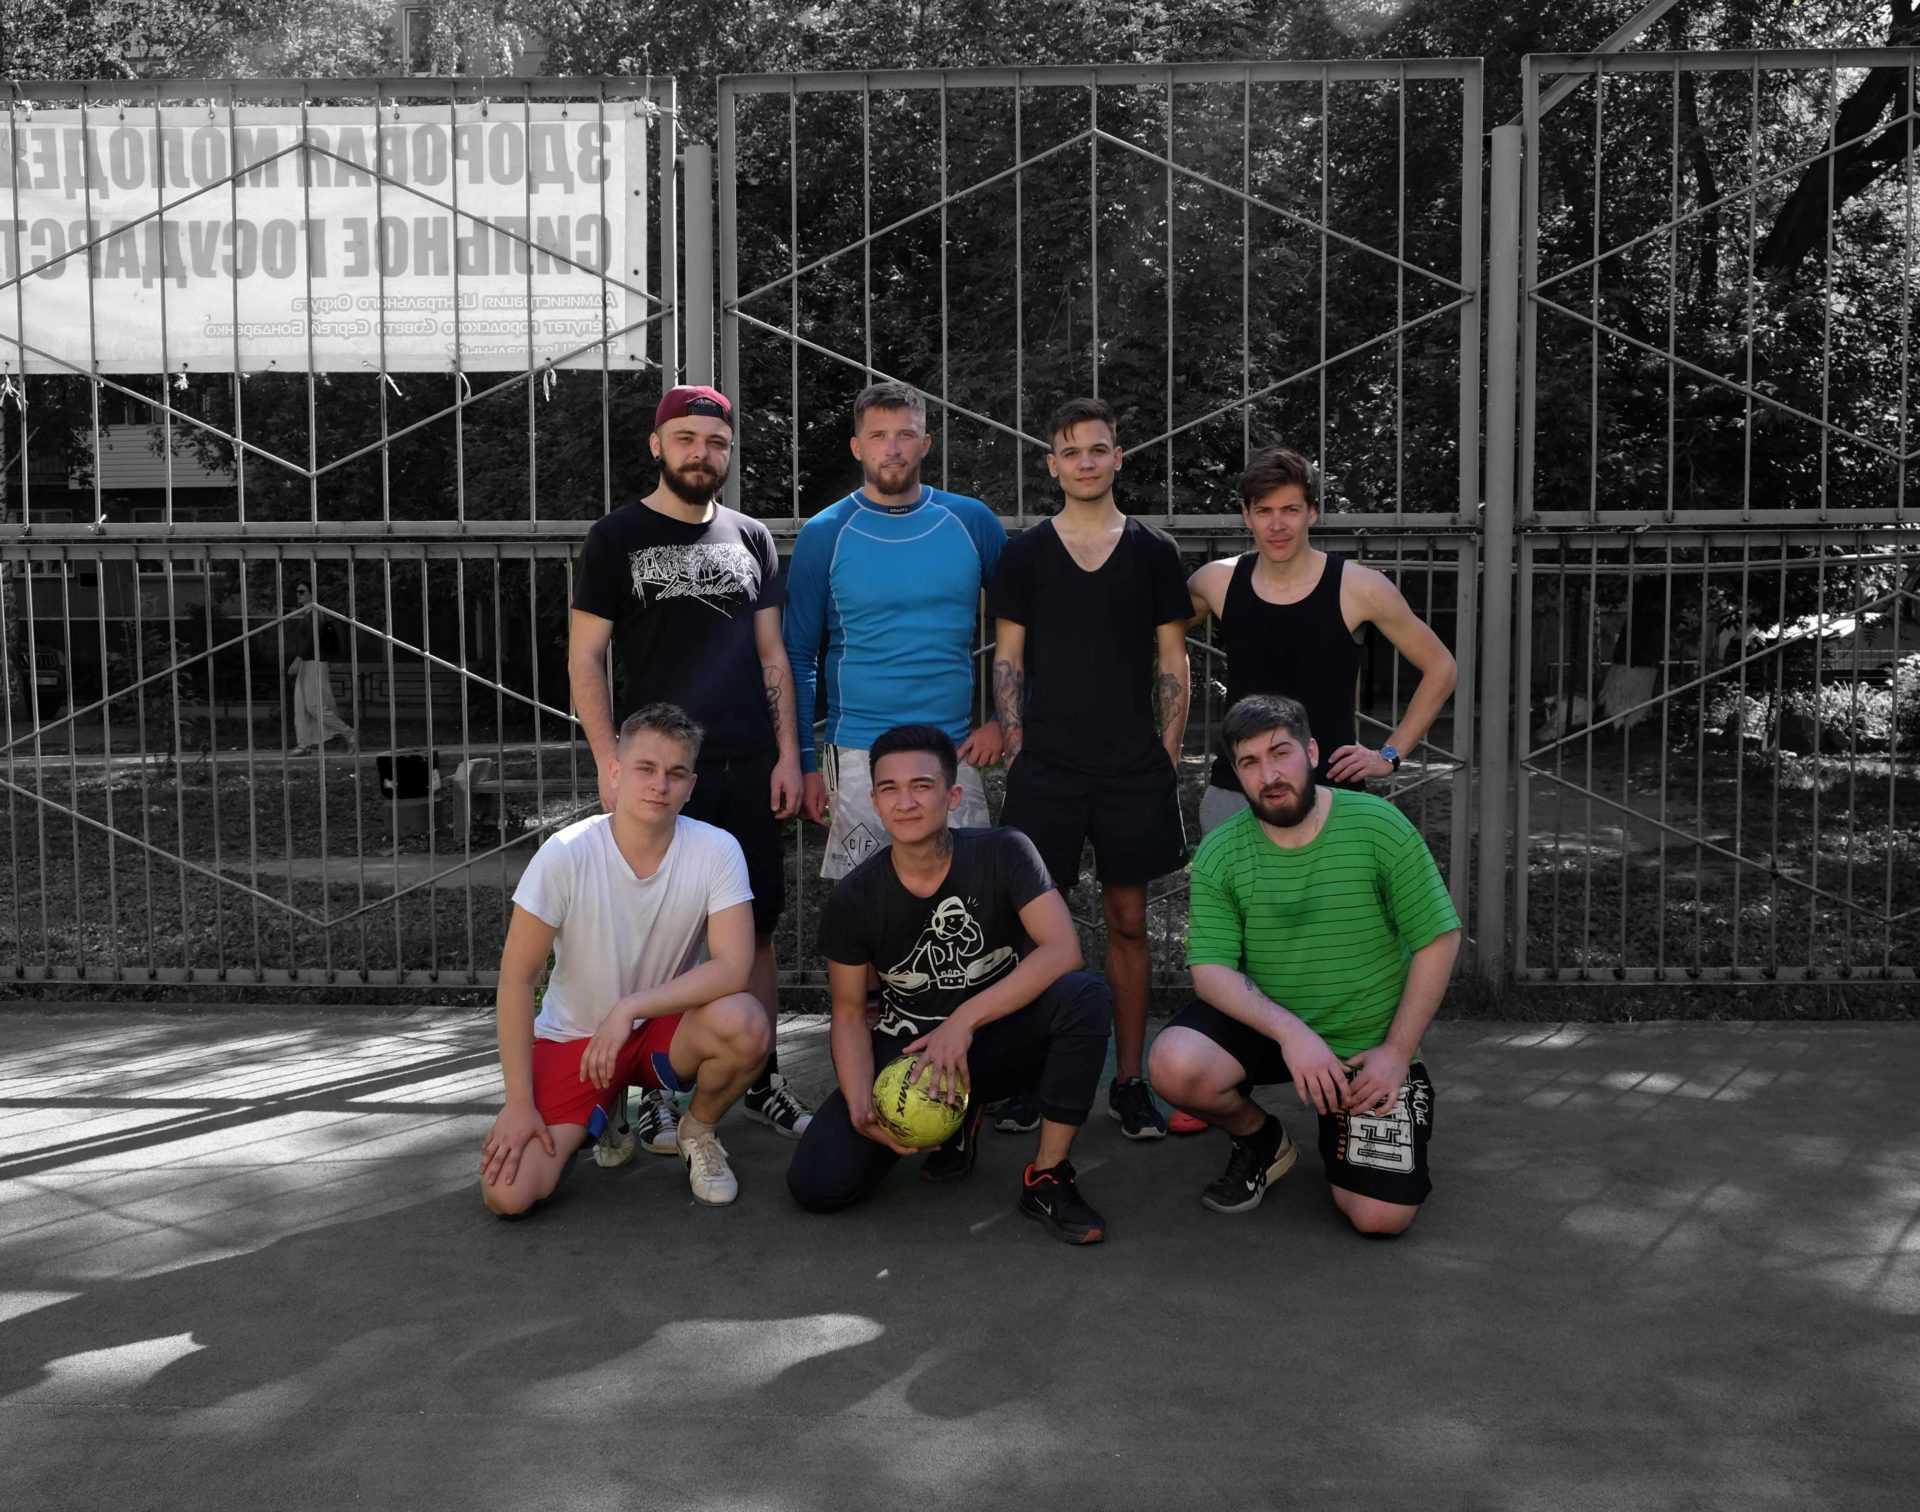 Сибирская цирюльня №1 Мужской диалогЪ приняли участие в дружеском матче по мини-футболу против барбершопа Old Boy